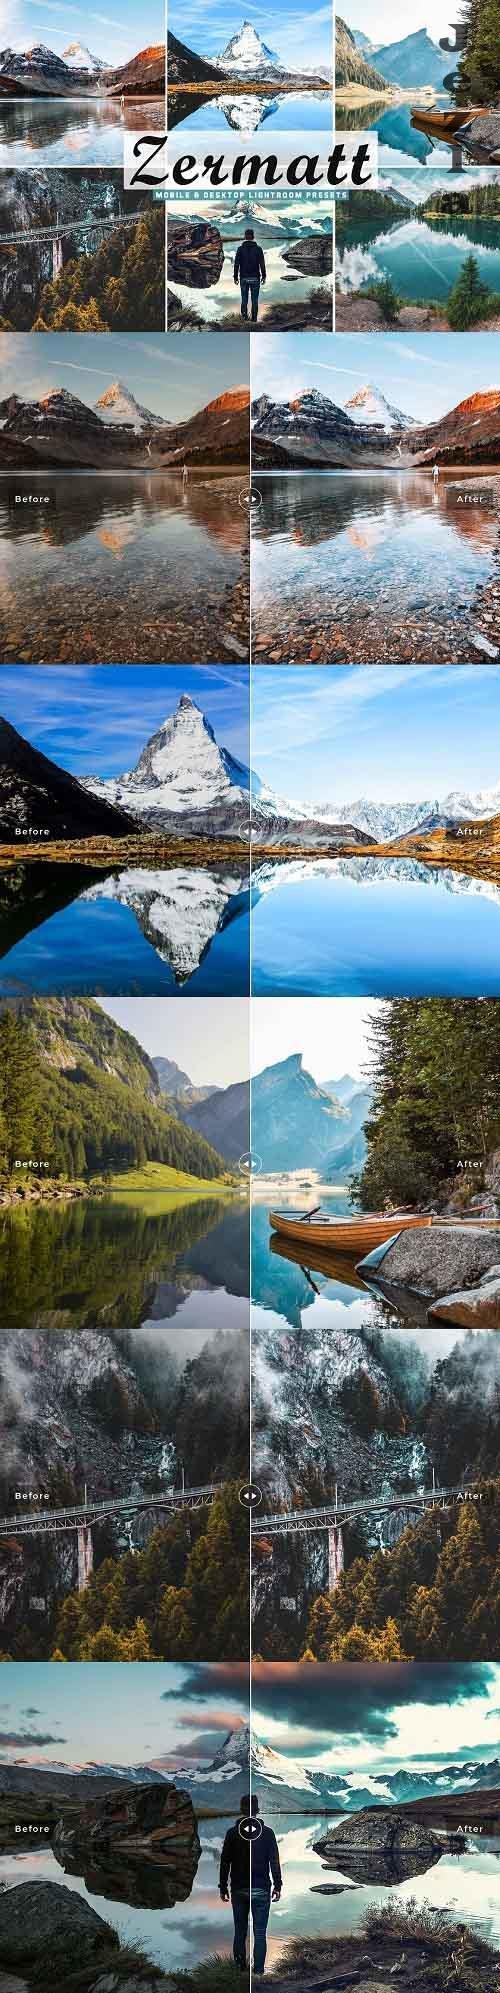 Zermatt Pro Lightroom Presets - 5339739 - Mobile & Desktop